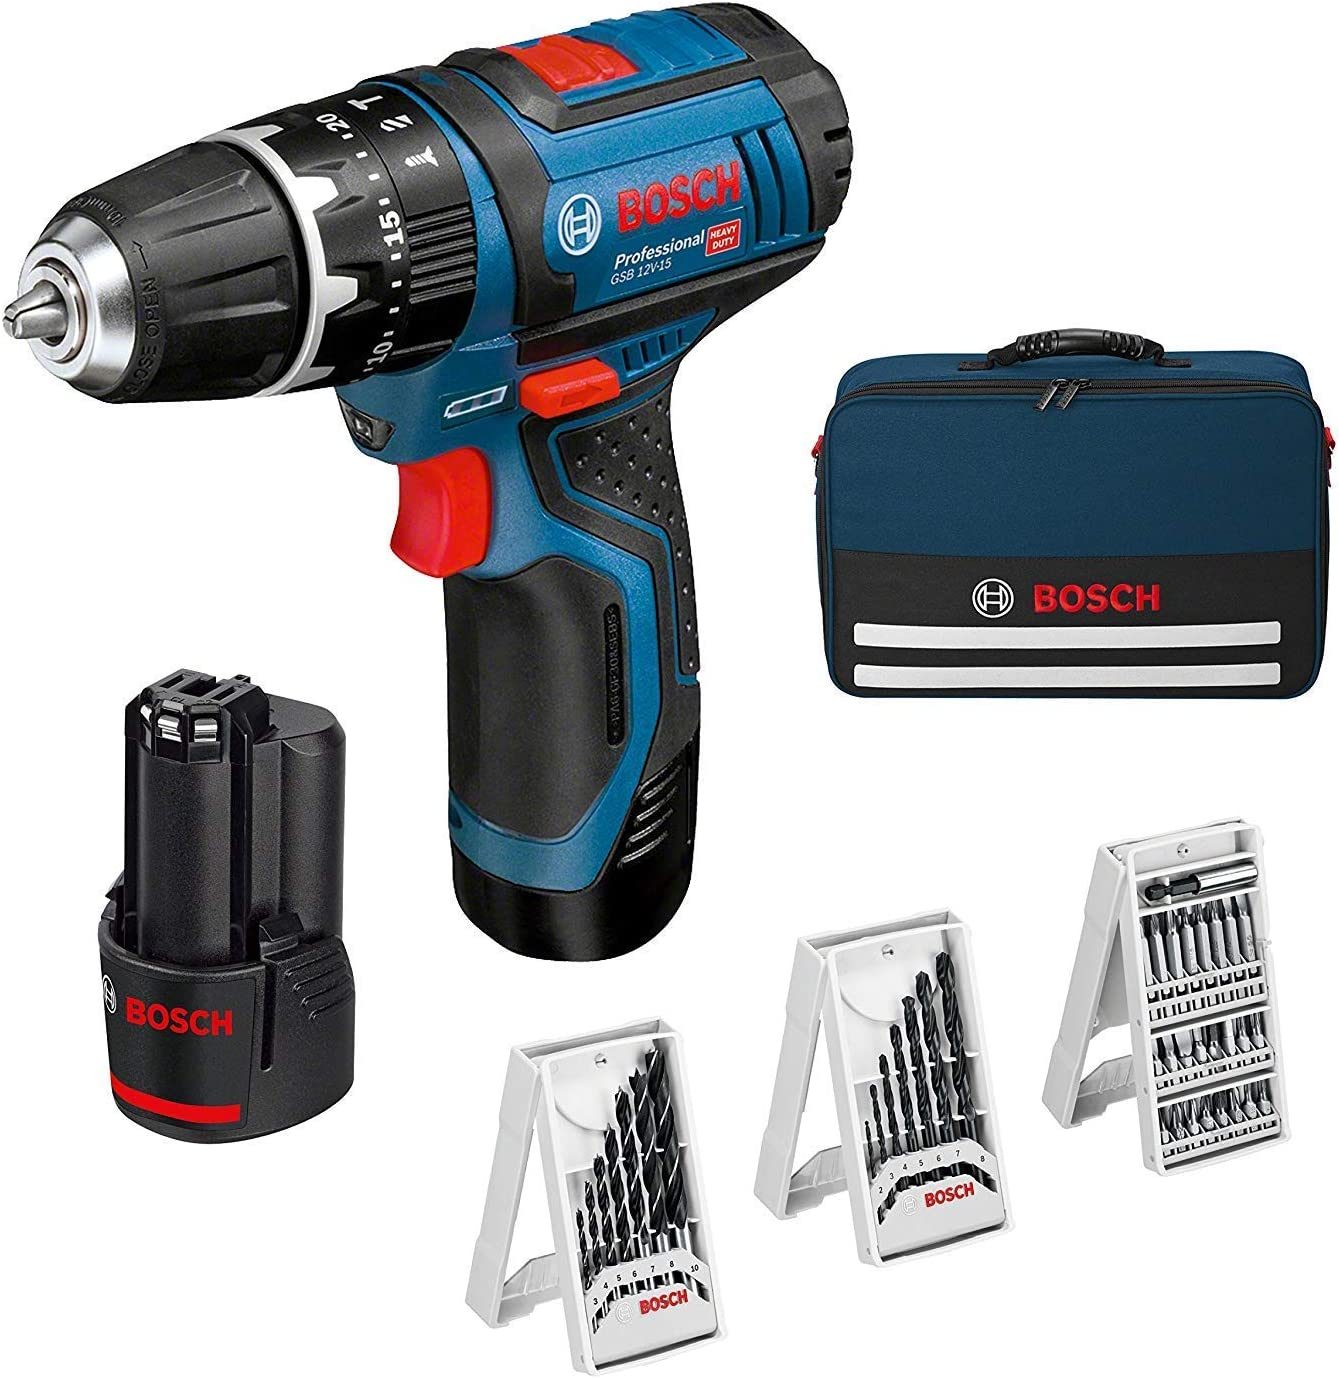 Bosch Professional GSB 12V-15 System percutor Madera de Ø máx 19 mm, Incl. 2 x 2.0 Ah batería + Cargador, 3X Juego de Taladro, en Bolsa, Amazon Edición, 36 W, 12 V, Azul